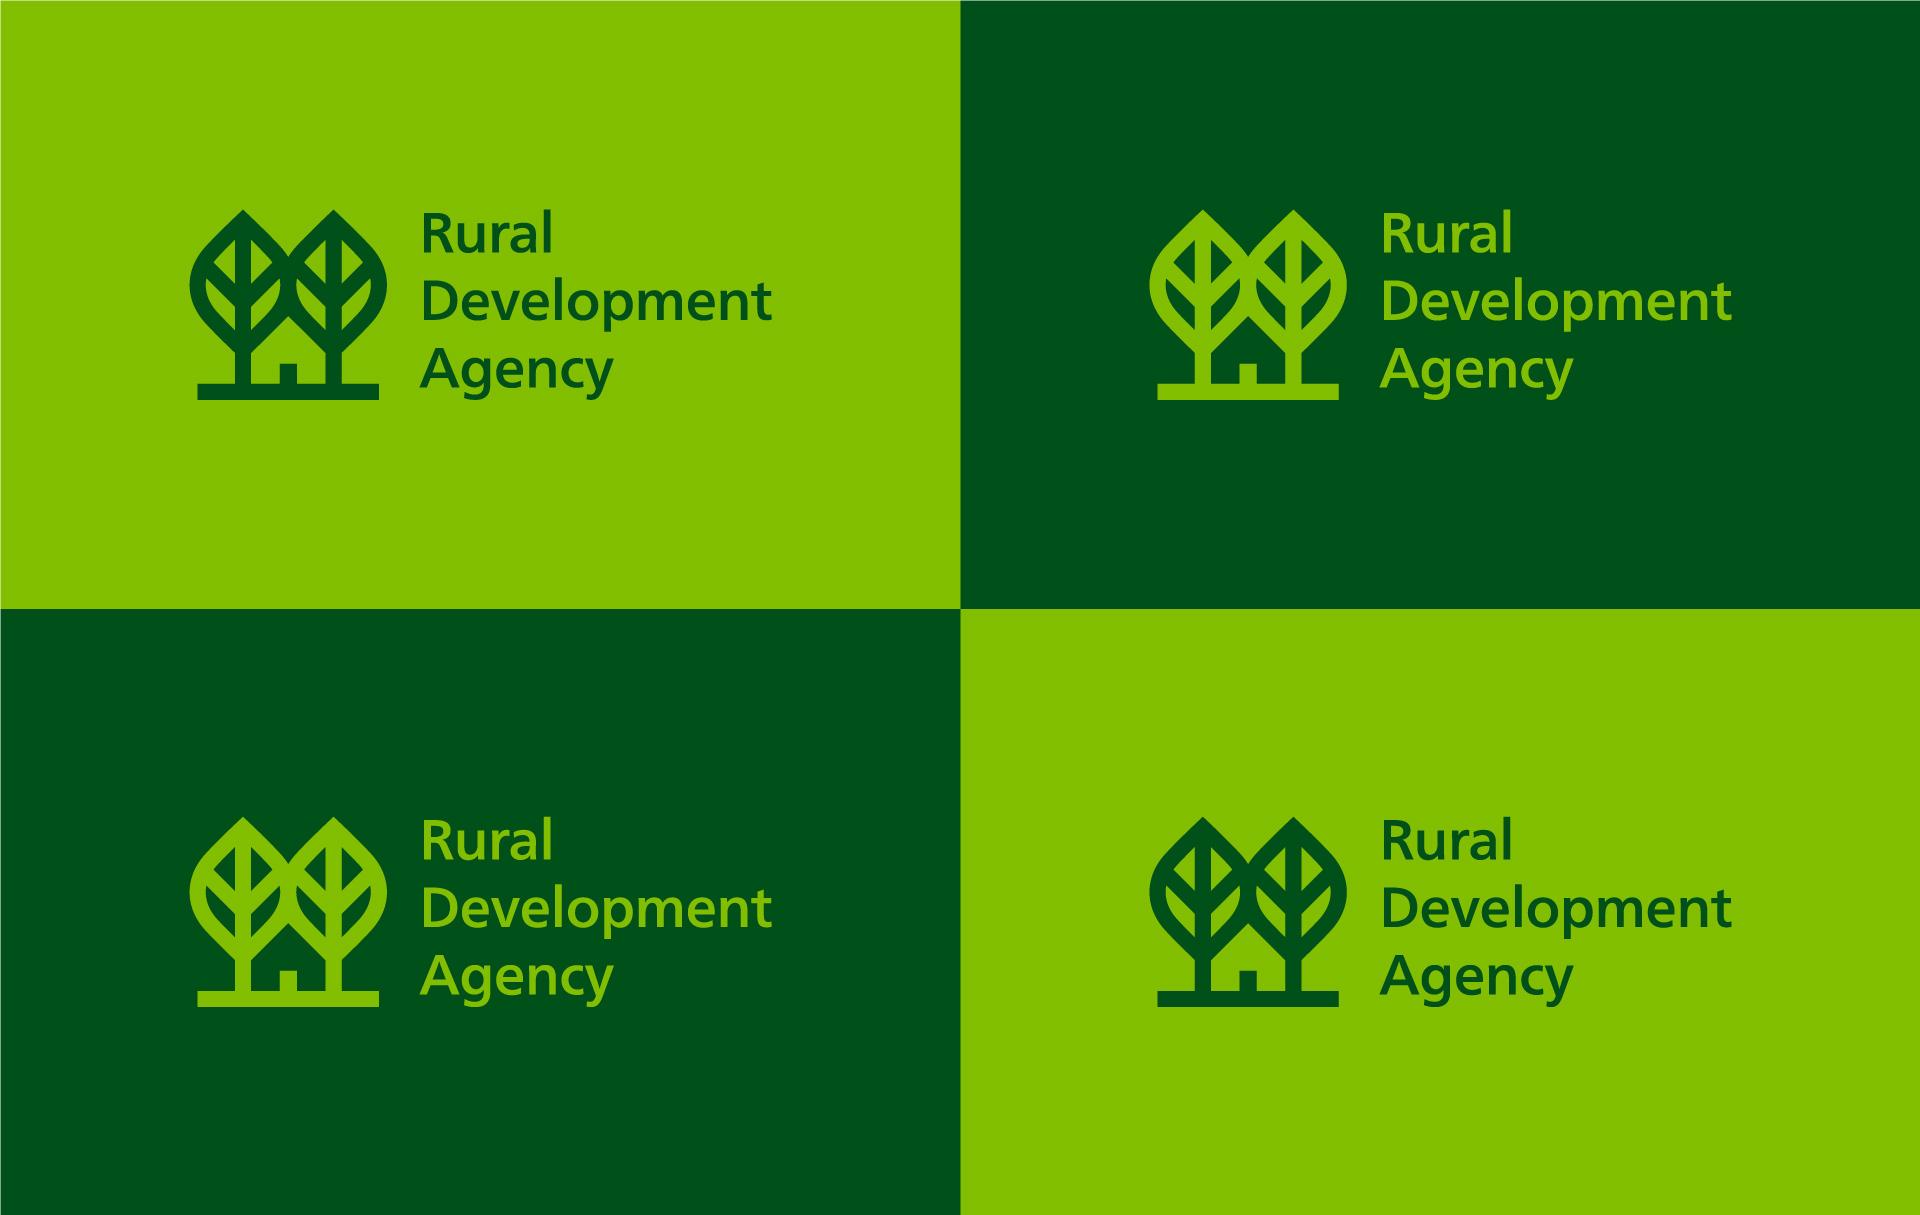 Logo_Green_BG_V1_1920_q80_01